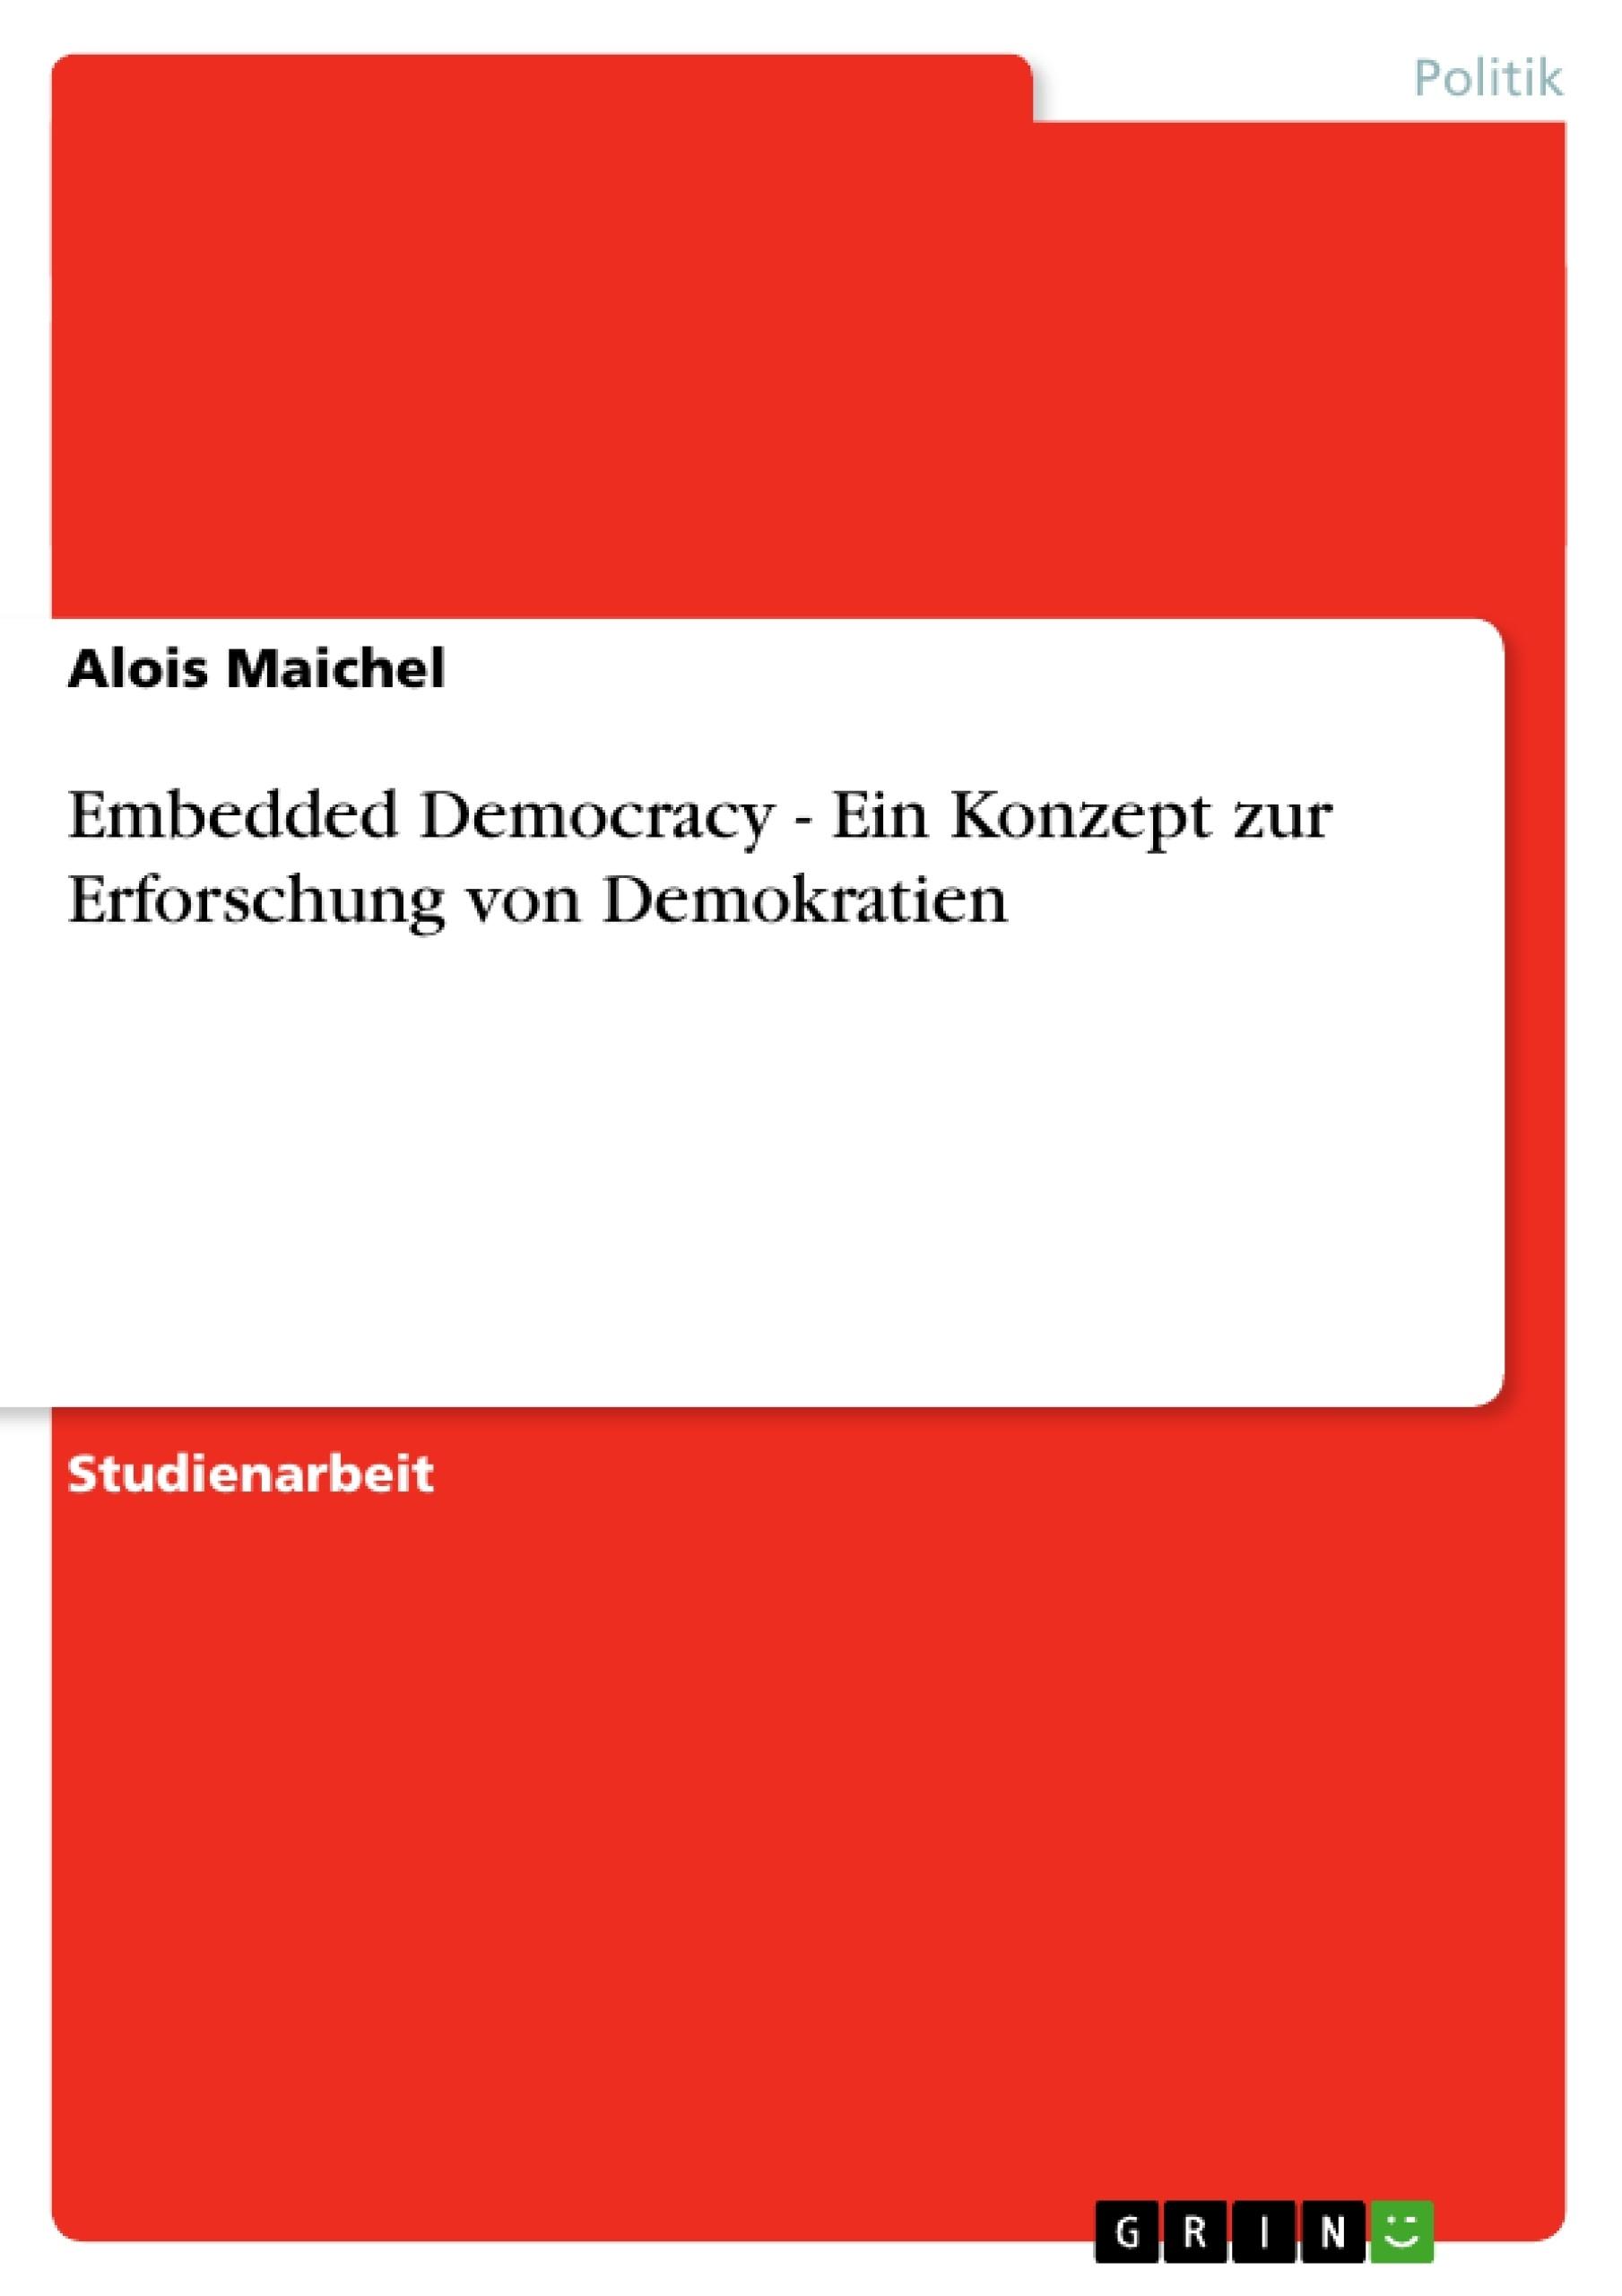 Titel: Embedded Democracy - Ein Konzept zur Erforschung von Demokratien